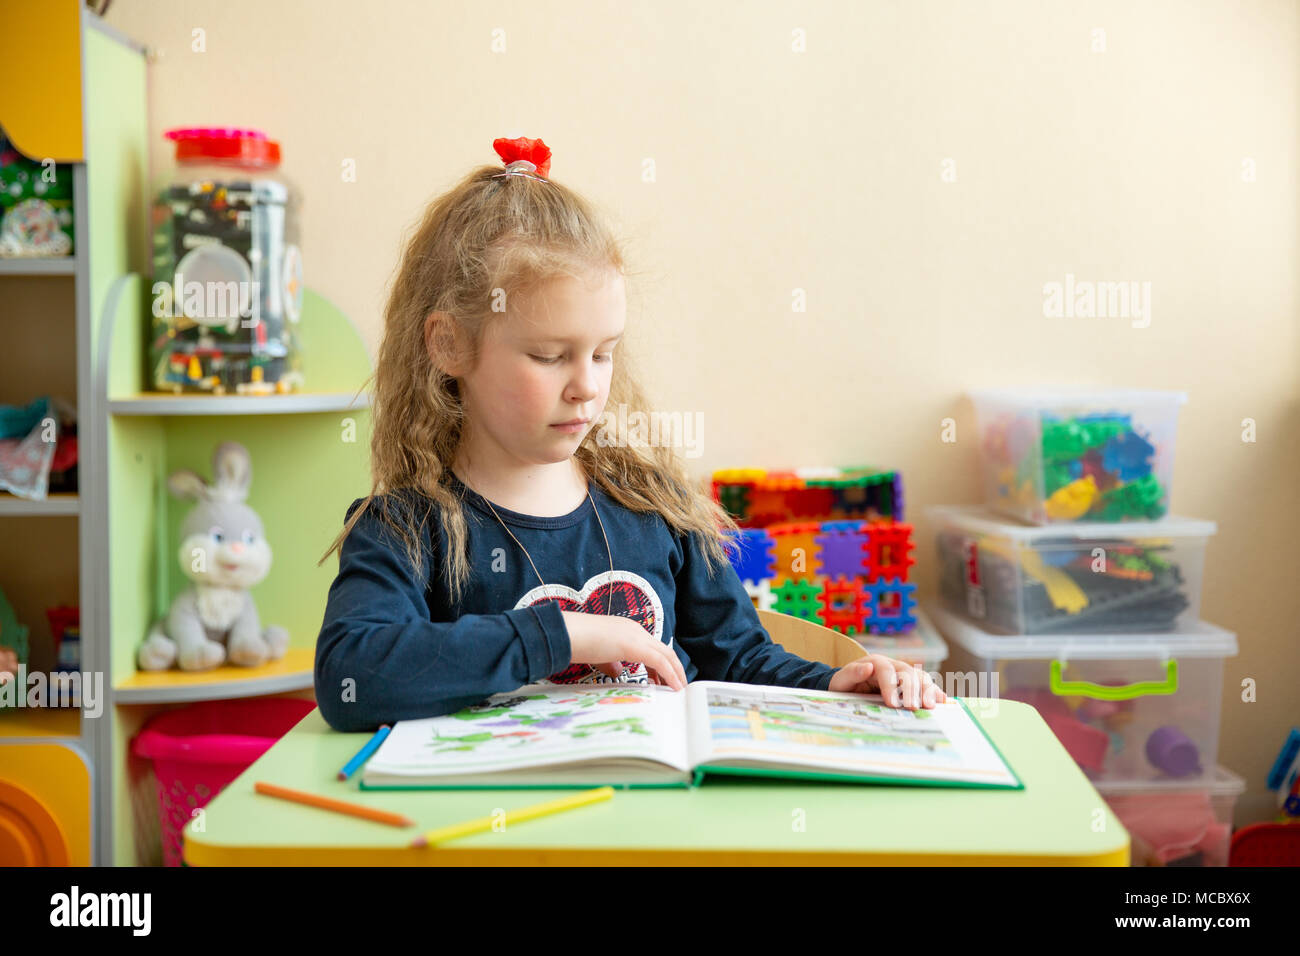 Süße kleine Mädchen Hausaufgaben machen, ein Buch lesen, Malvorlagen ...